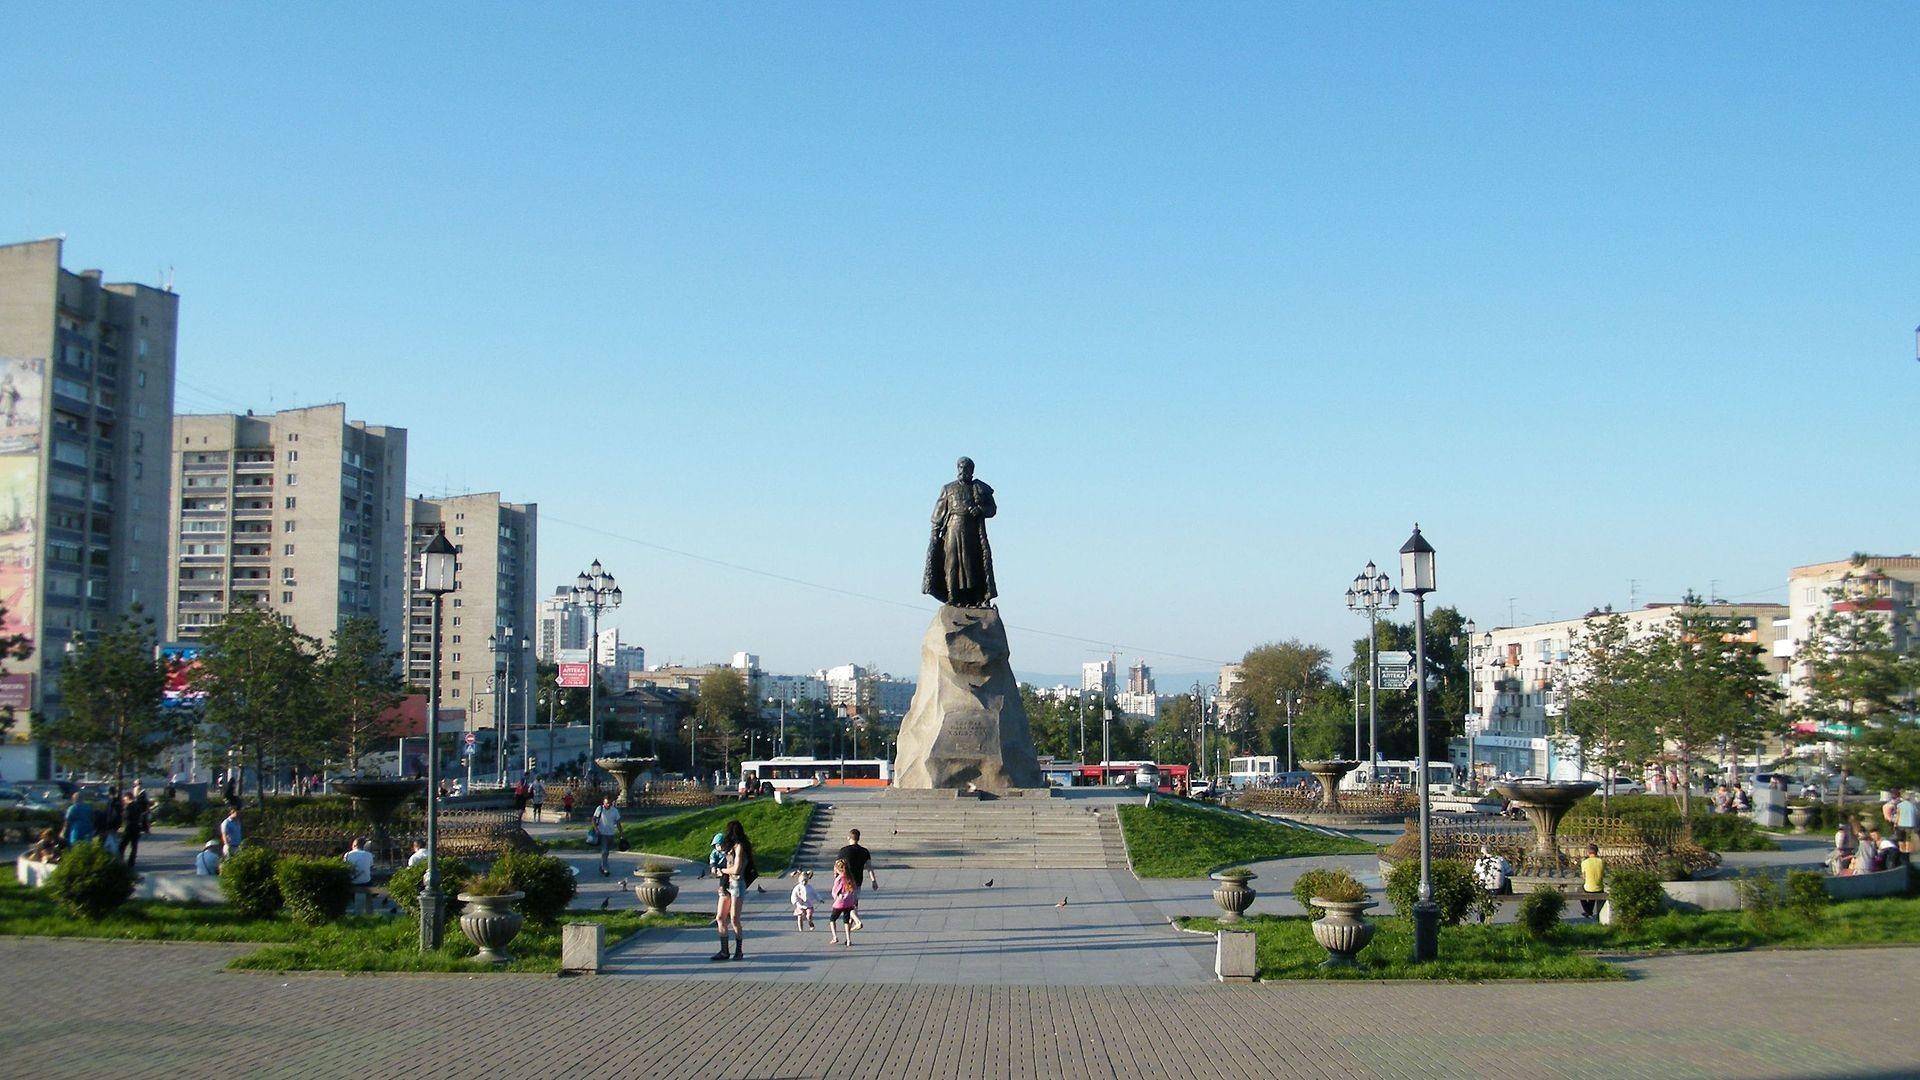 Habarovsk, trg s spomenikom Jerofeja Habarova, ruskega podjetnika in raziskovalca Daljnega vzhoda